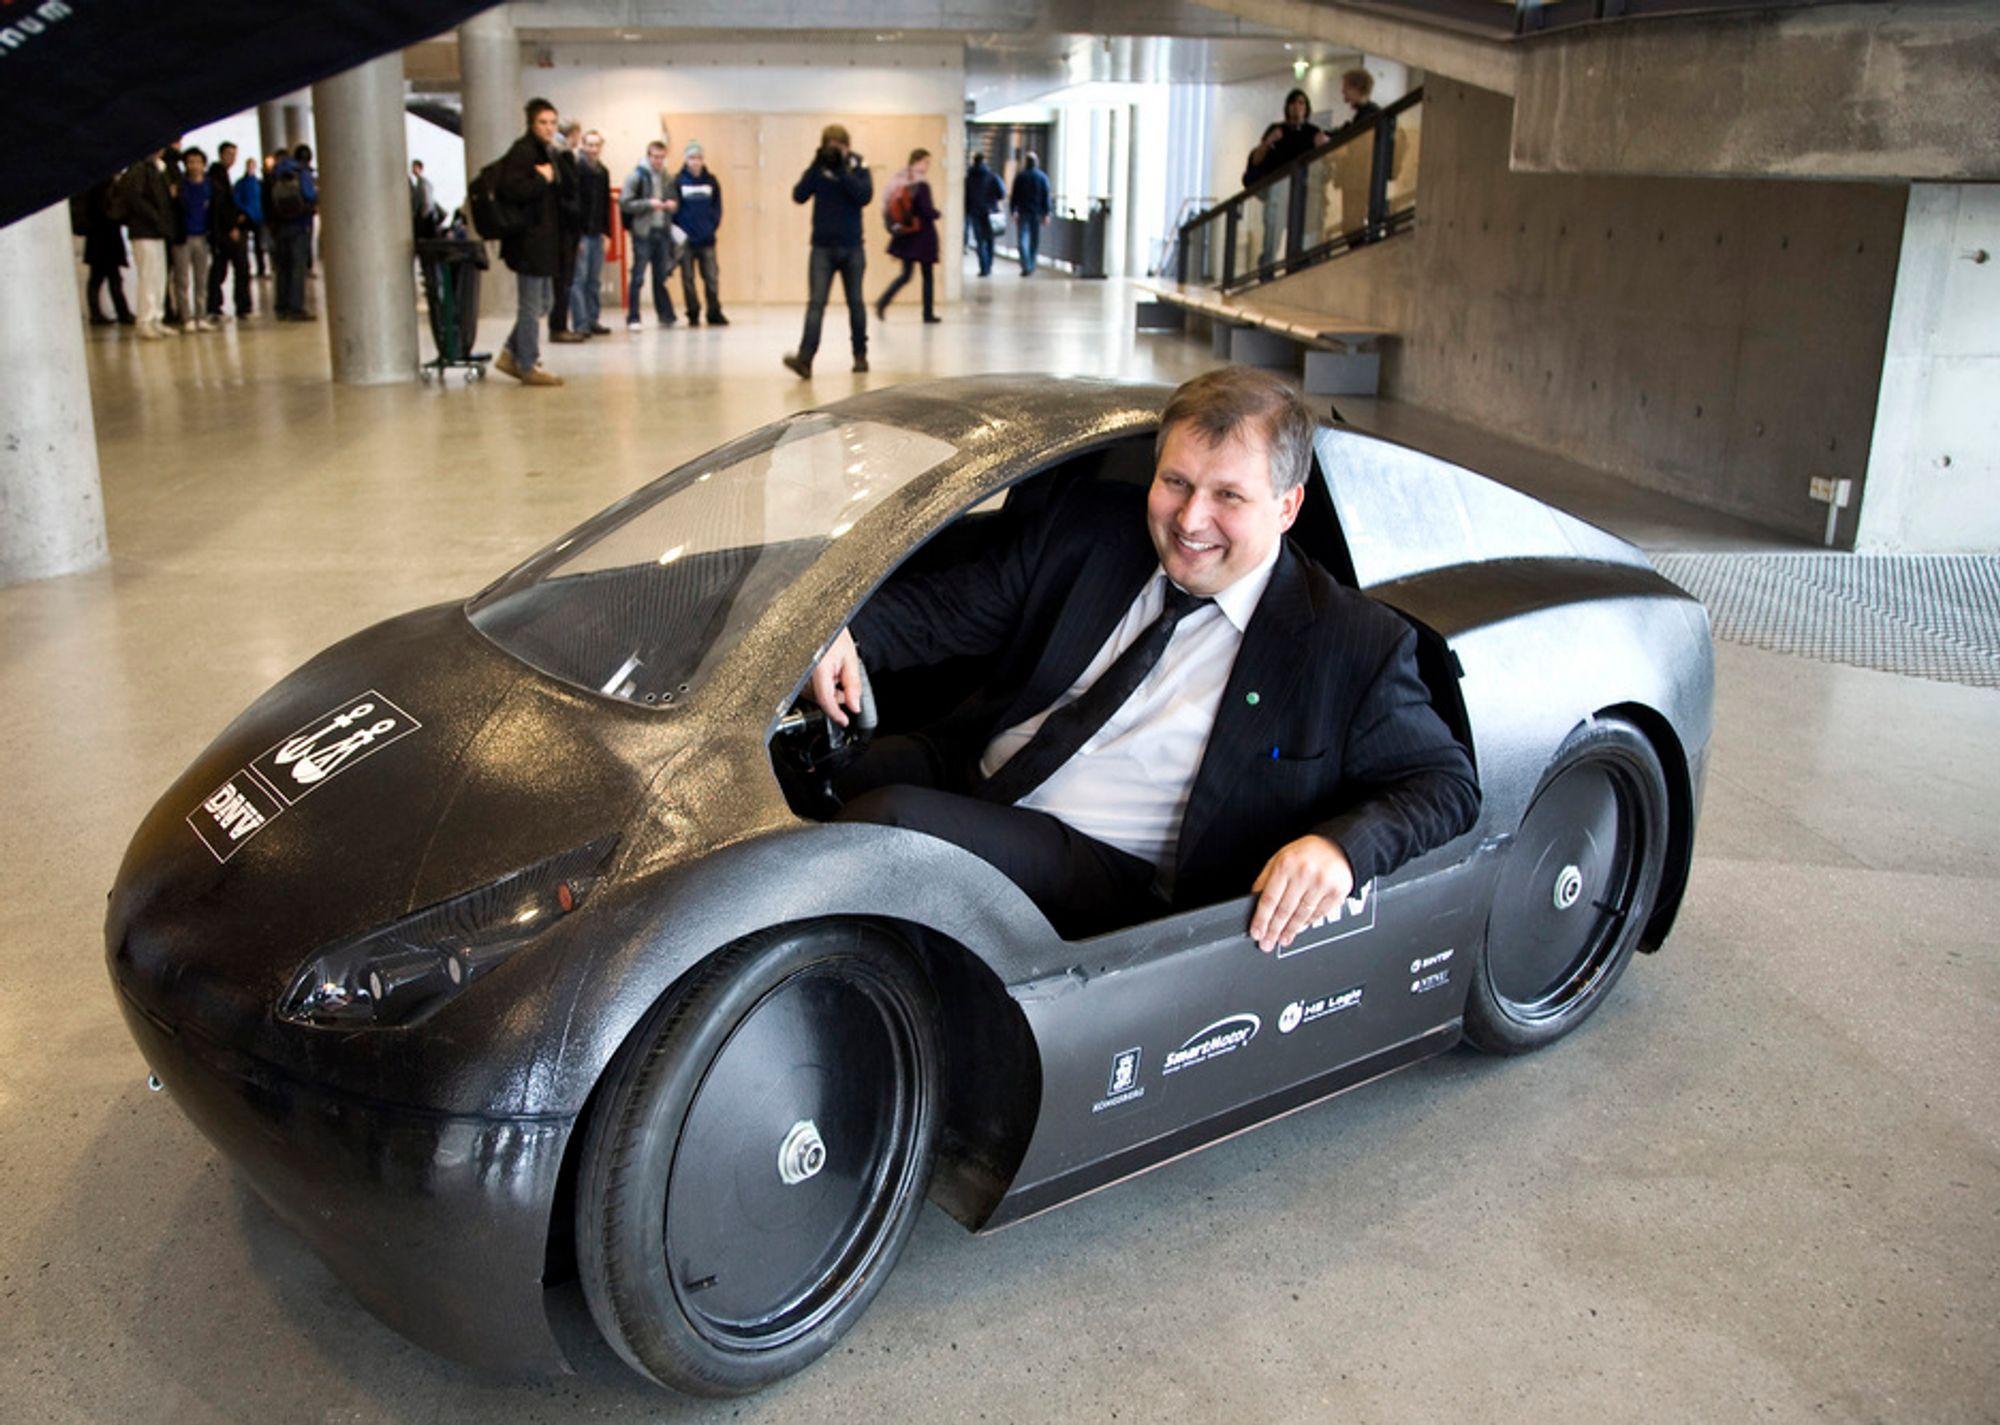 Olje- og energiminister Terje Riis Johansen besøkte torsdag NTNU, hvor han blant annet fikk ta plass i denne. Nå vil han opprette en egen tenketank i forbindelse med FME-sentrene.